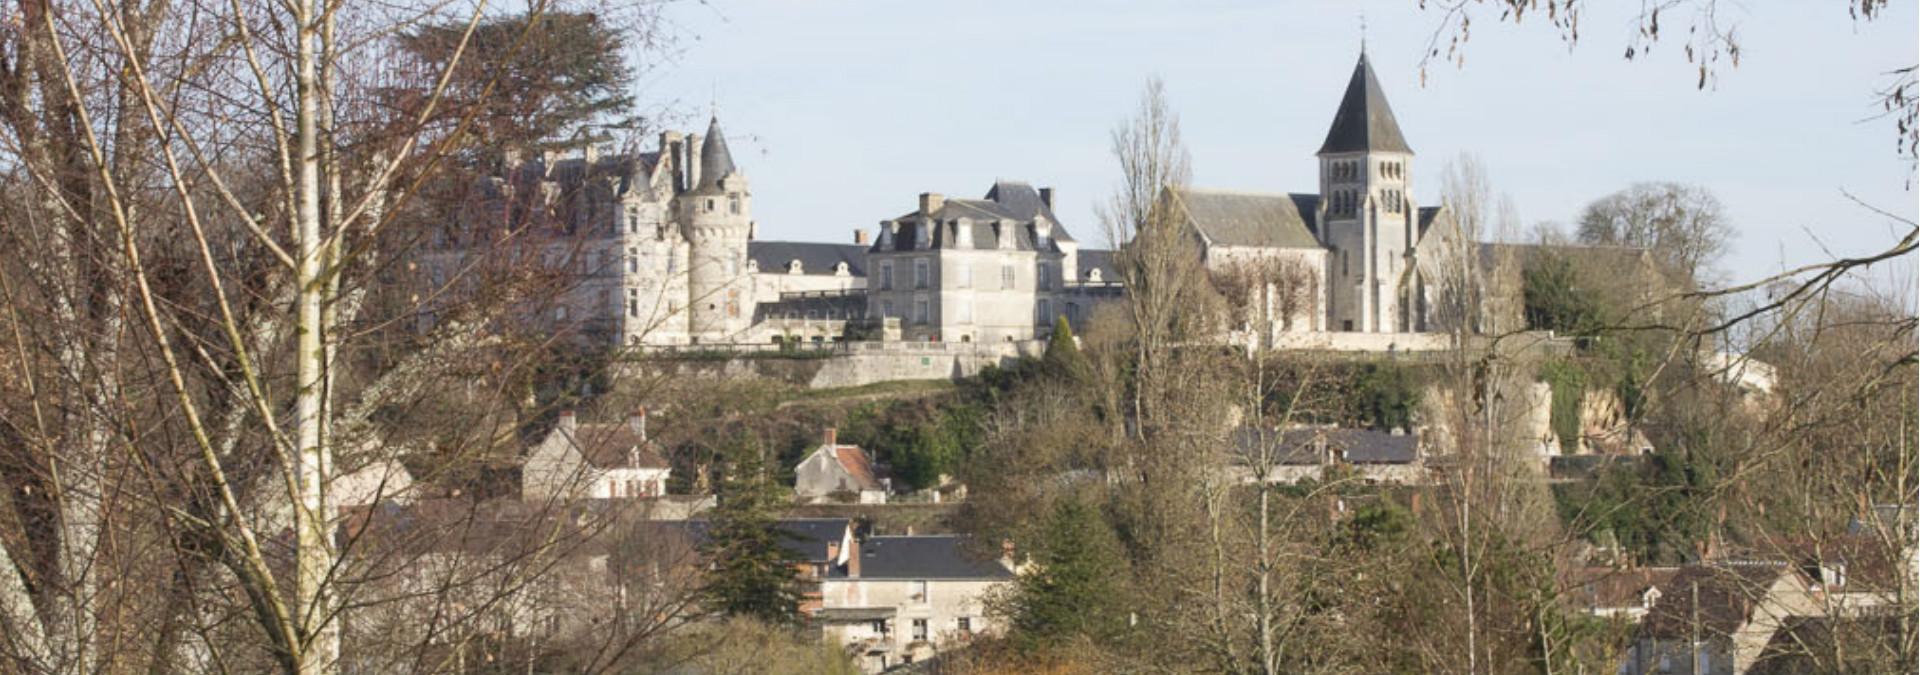 Domaine du Grand Moulin